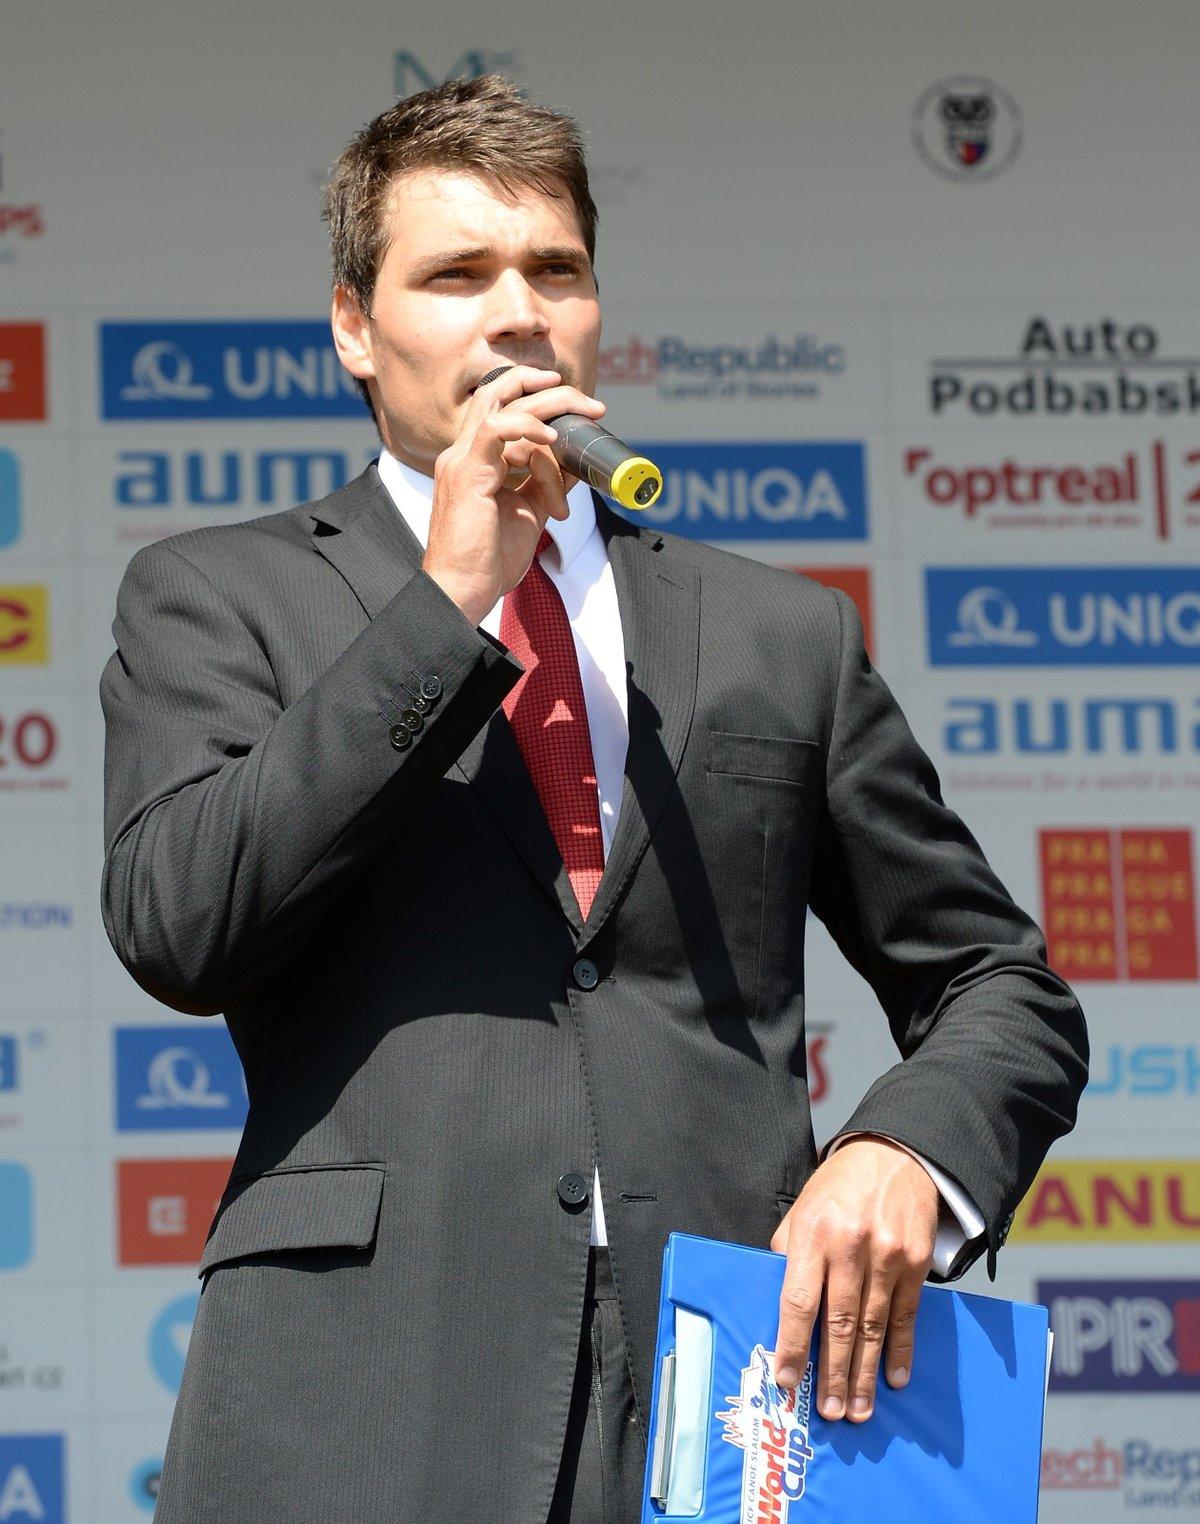 Moderátor České televize Daniel Stach